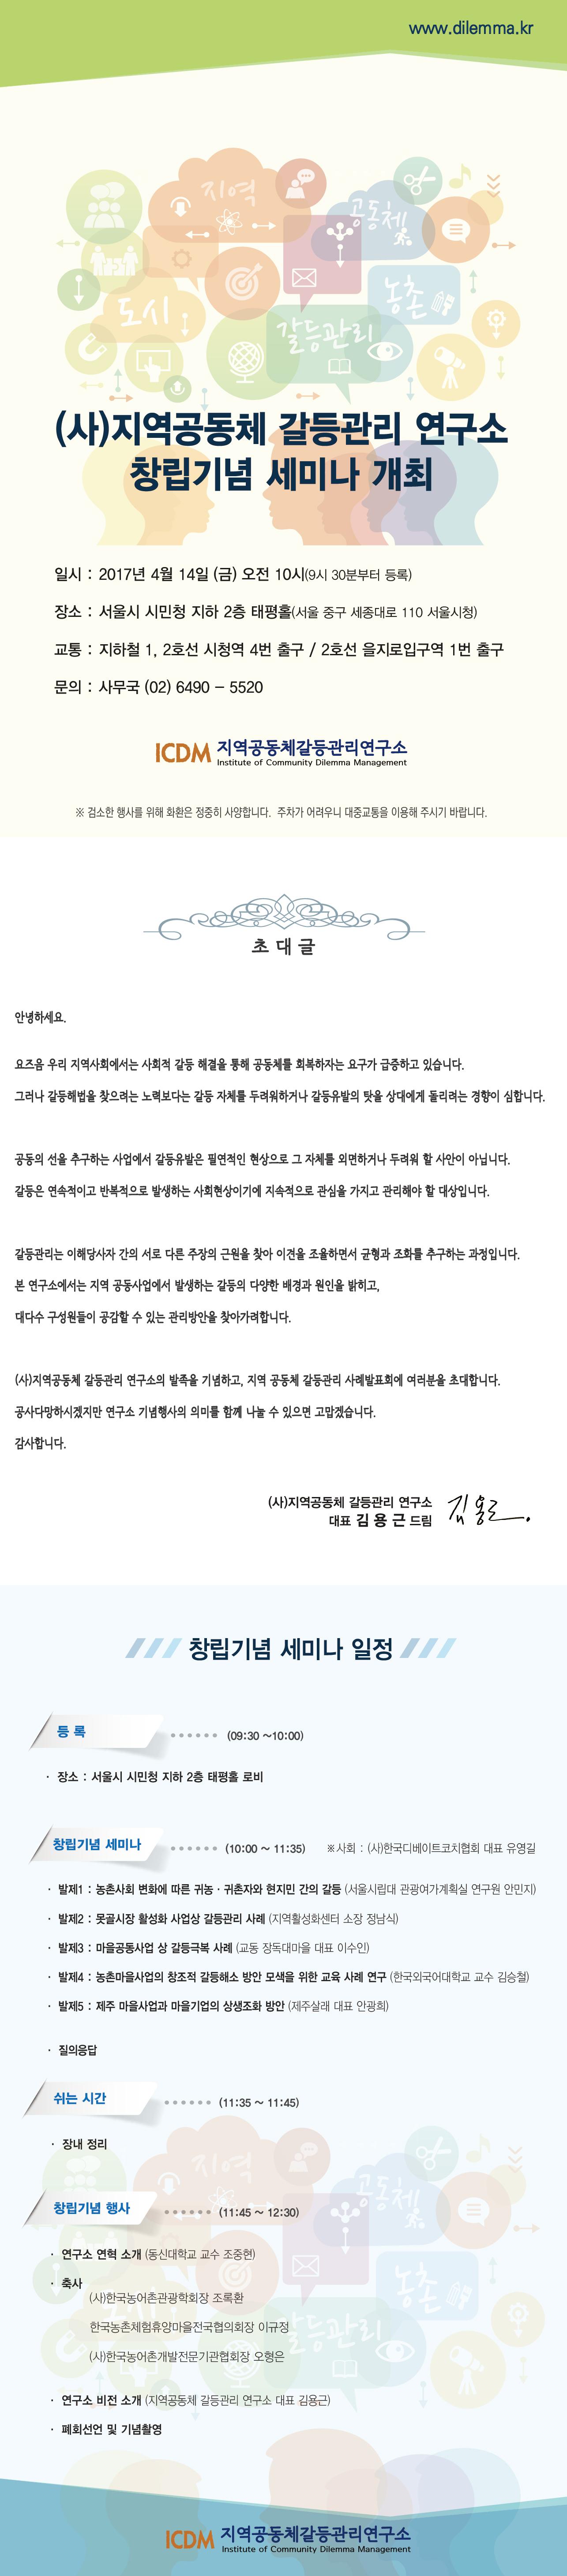 (사)지역공동체 갈등관리 연구소 창립기념 세미나 개최 안내.jpg